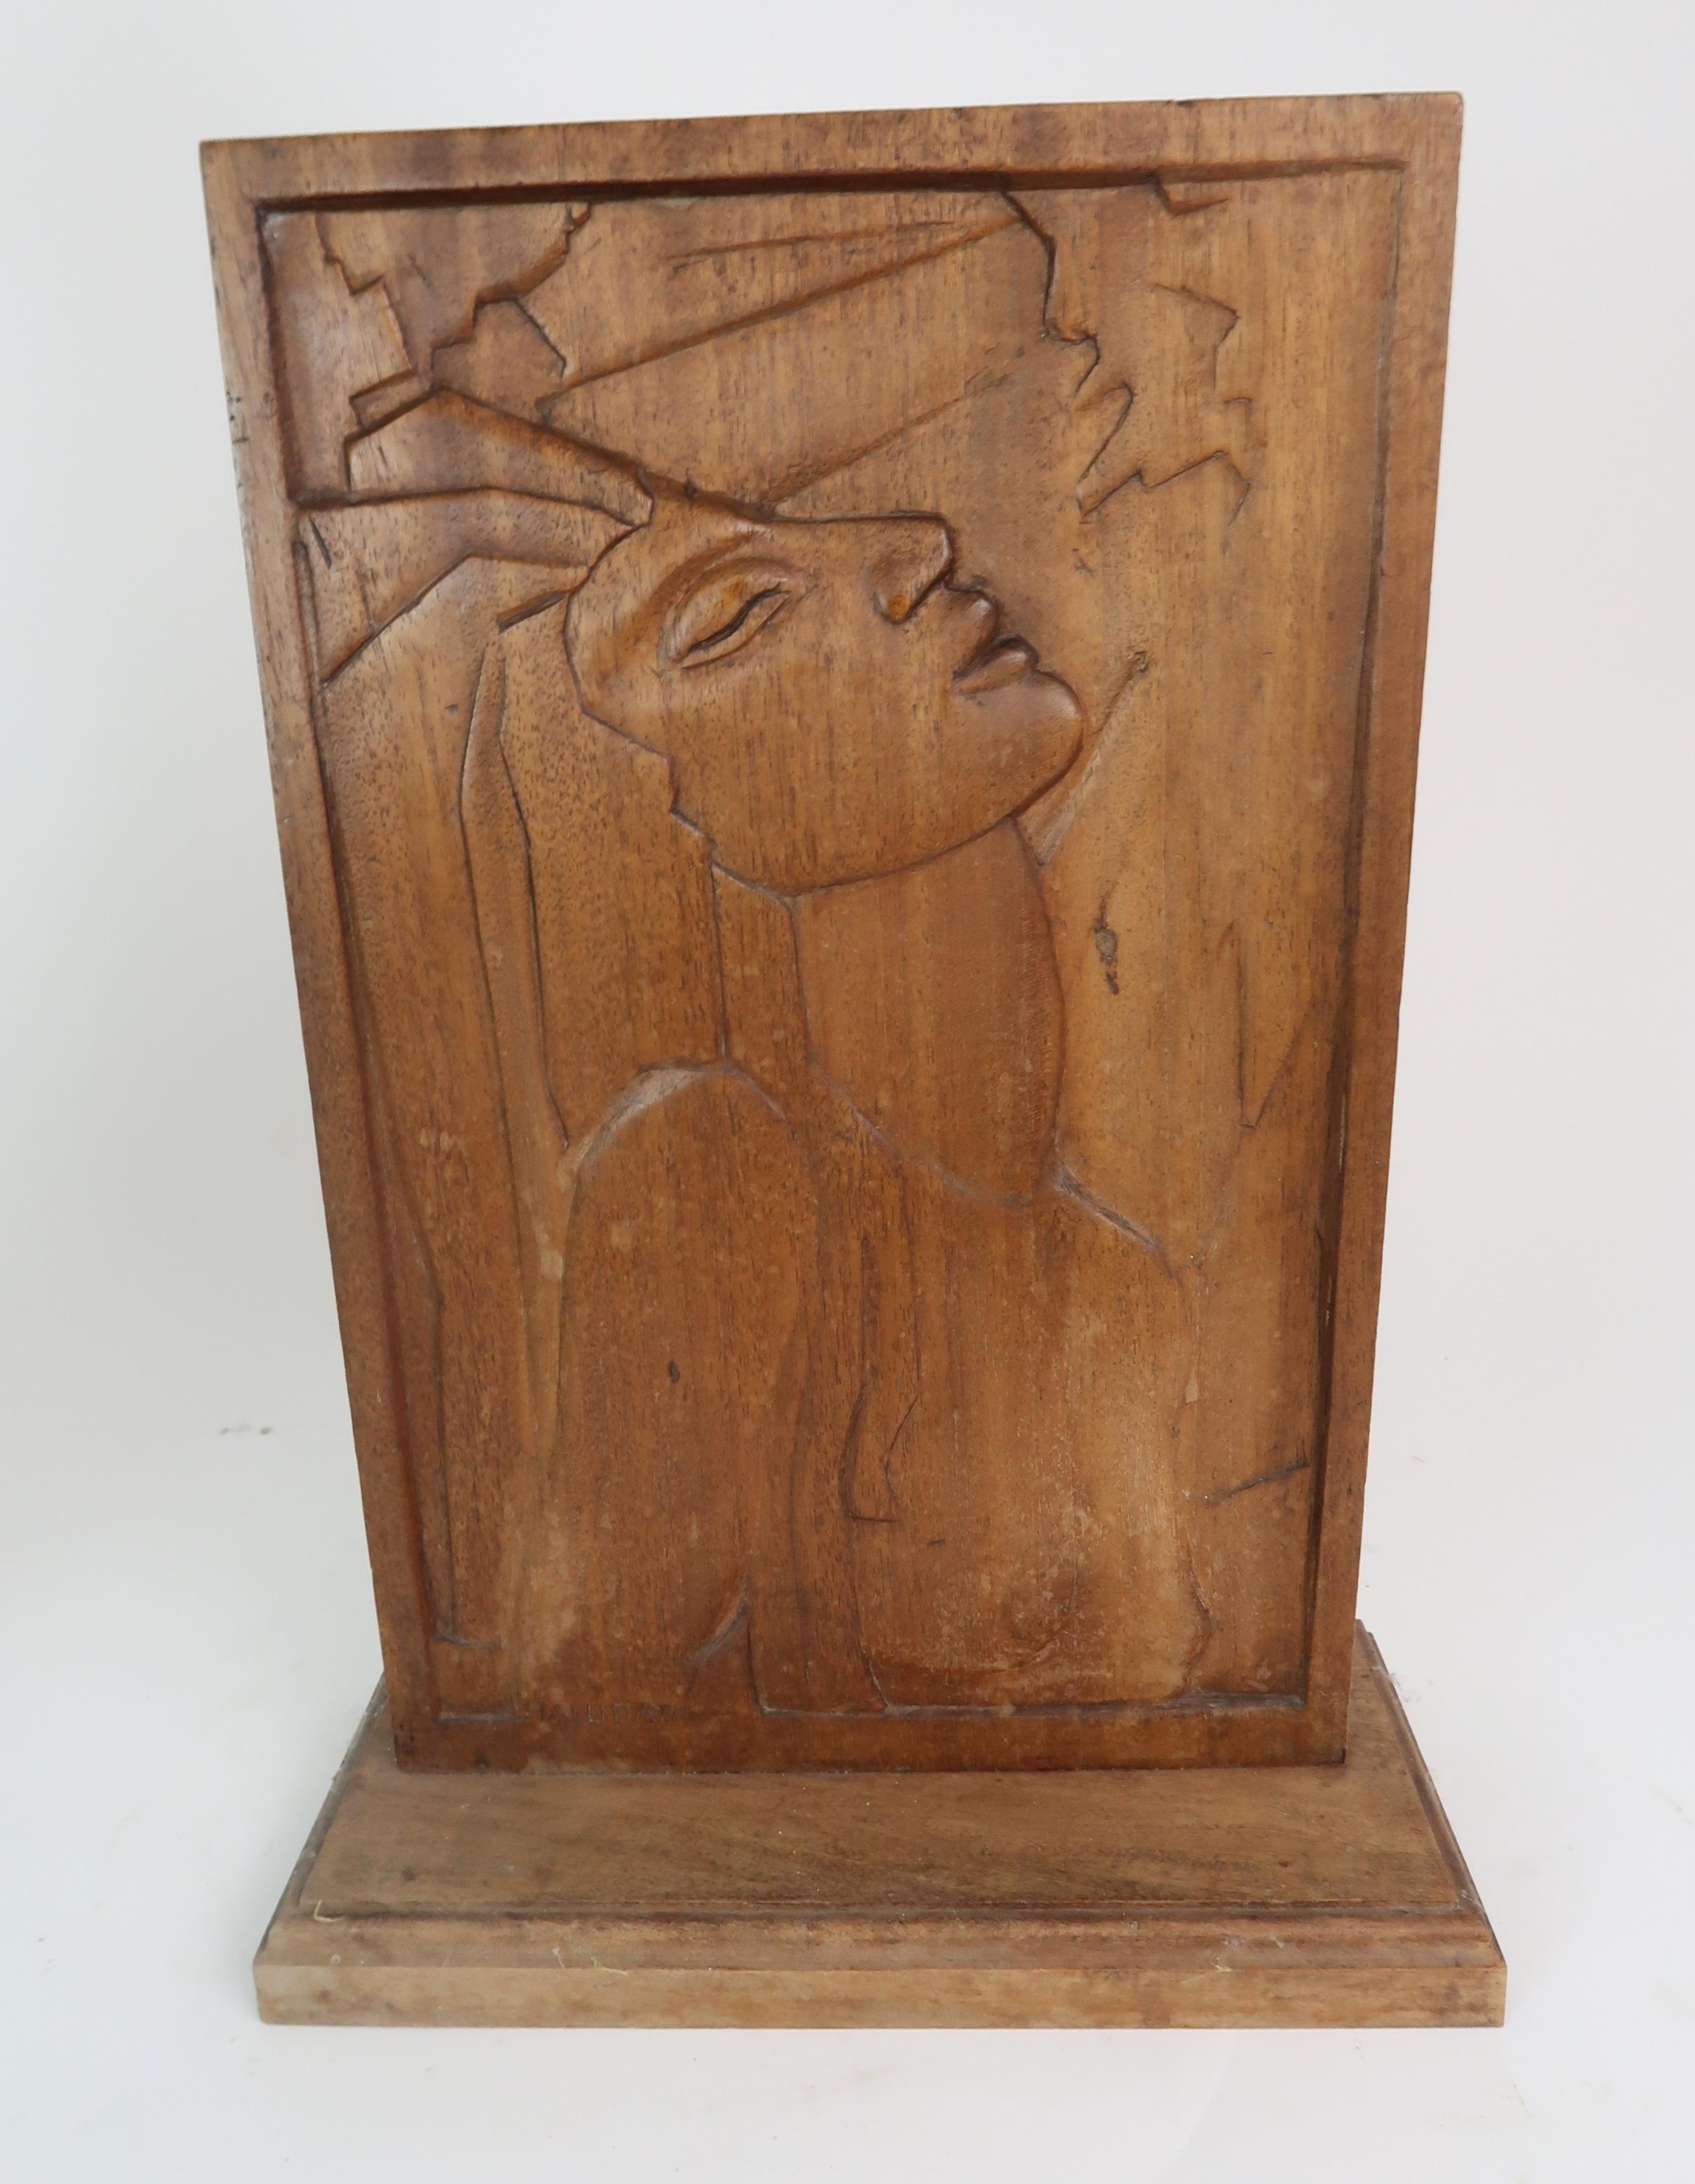 •THOMAS SYMINGTON HALLIDAY MBE, FRSA, DA (SCOTTISH 1902-1988) THE DREAM carved wood panel, signed